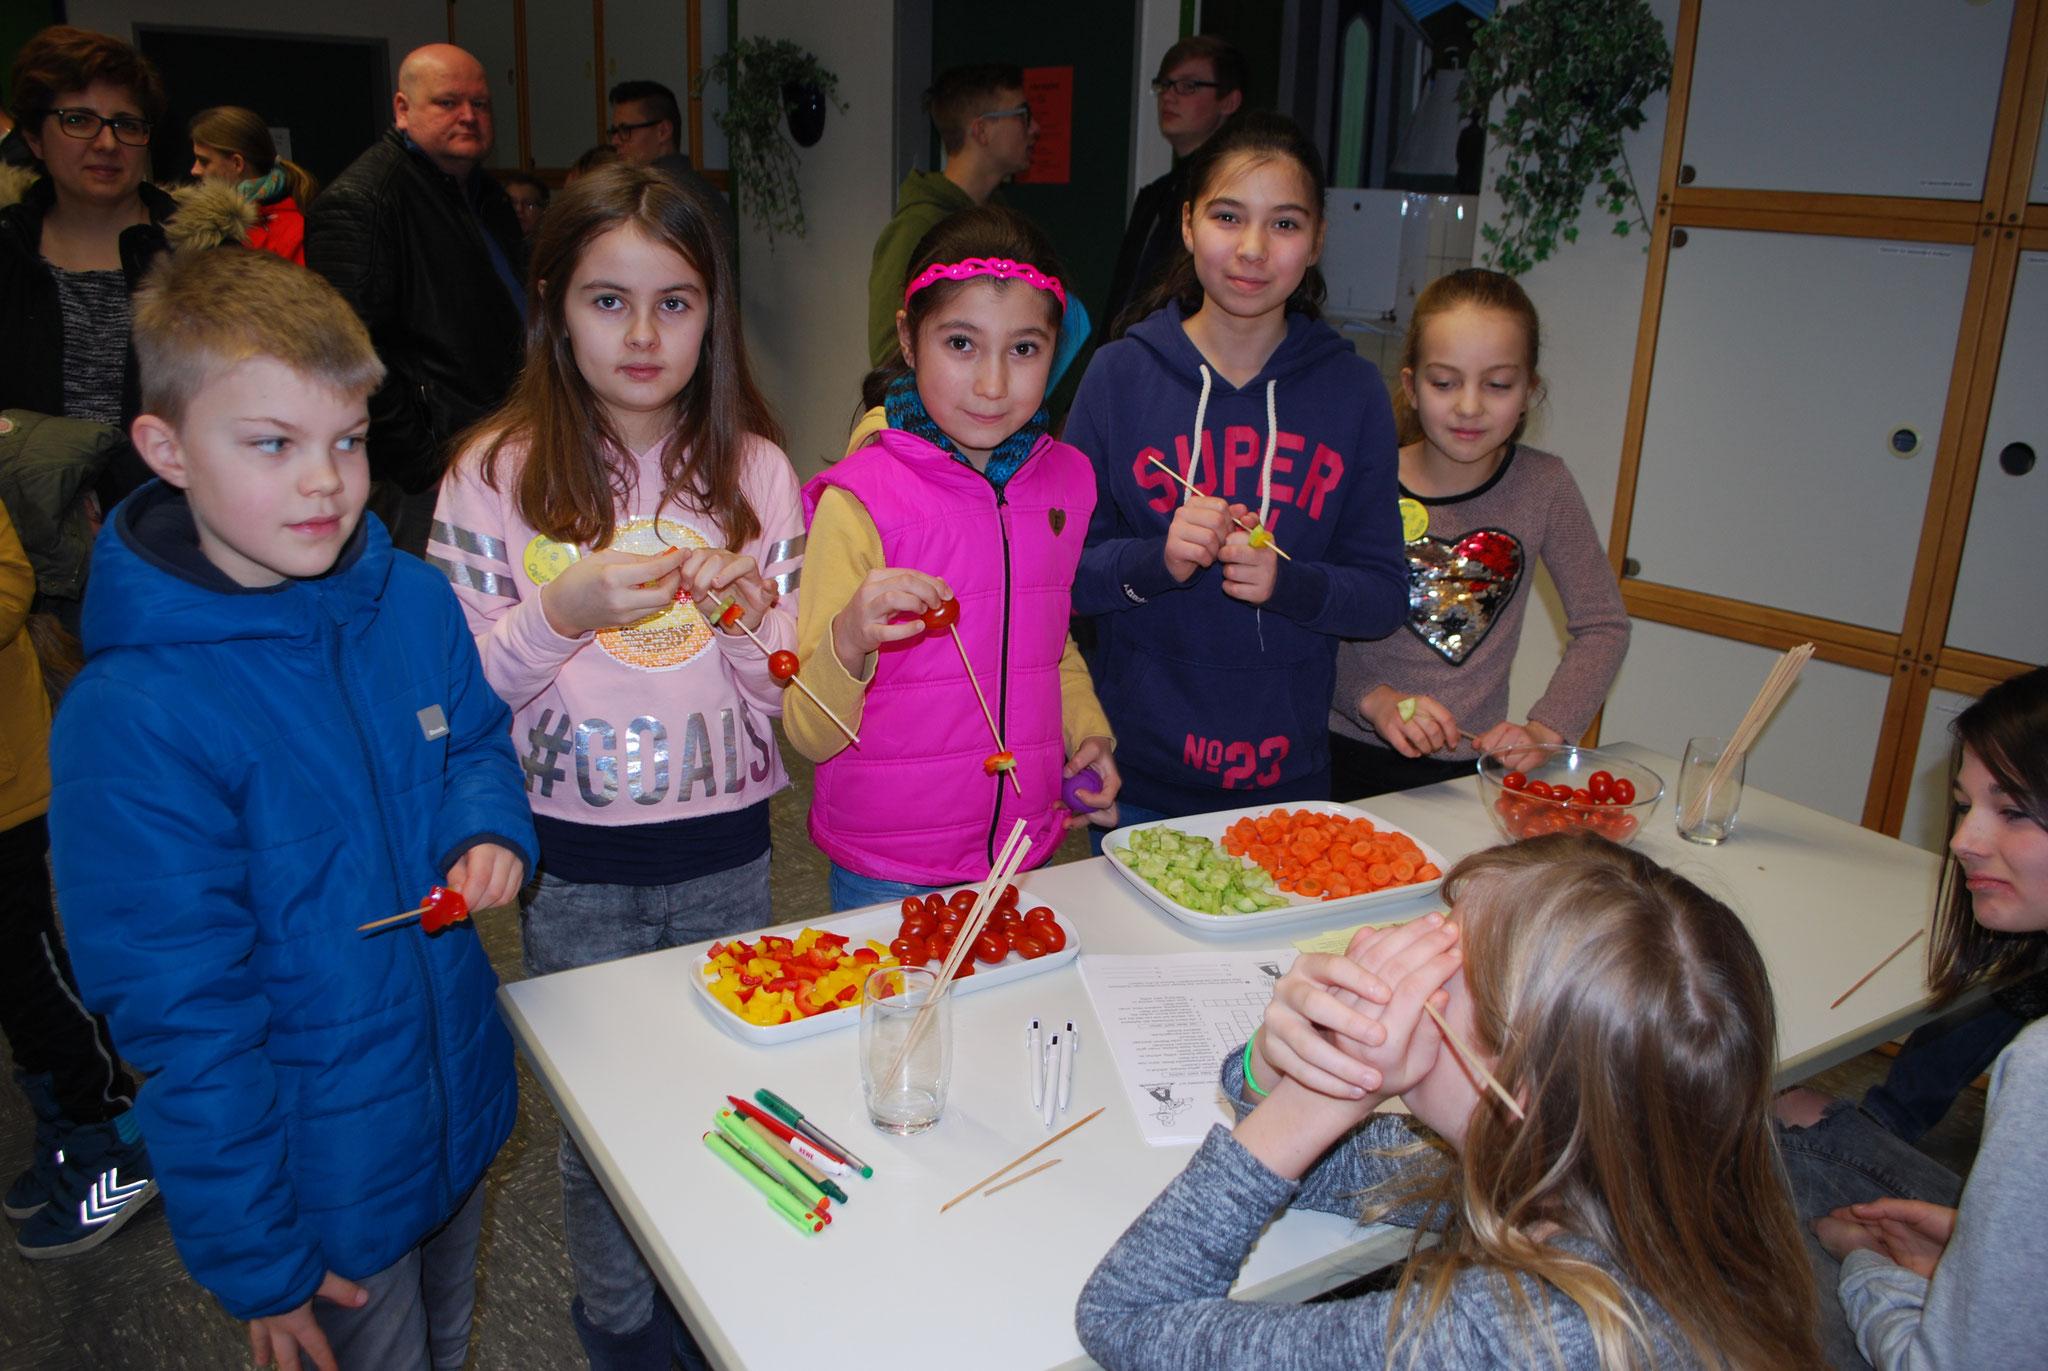 Hauswirtschaft: Viko Schulte, Lena Spenst, Ahsen und Neslihan Yayla sowie Isabel Littau stärken sich mit Gemüsespießen für den weiteren Rundgang.